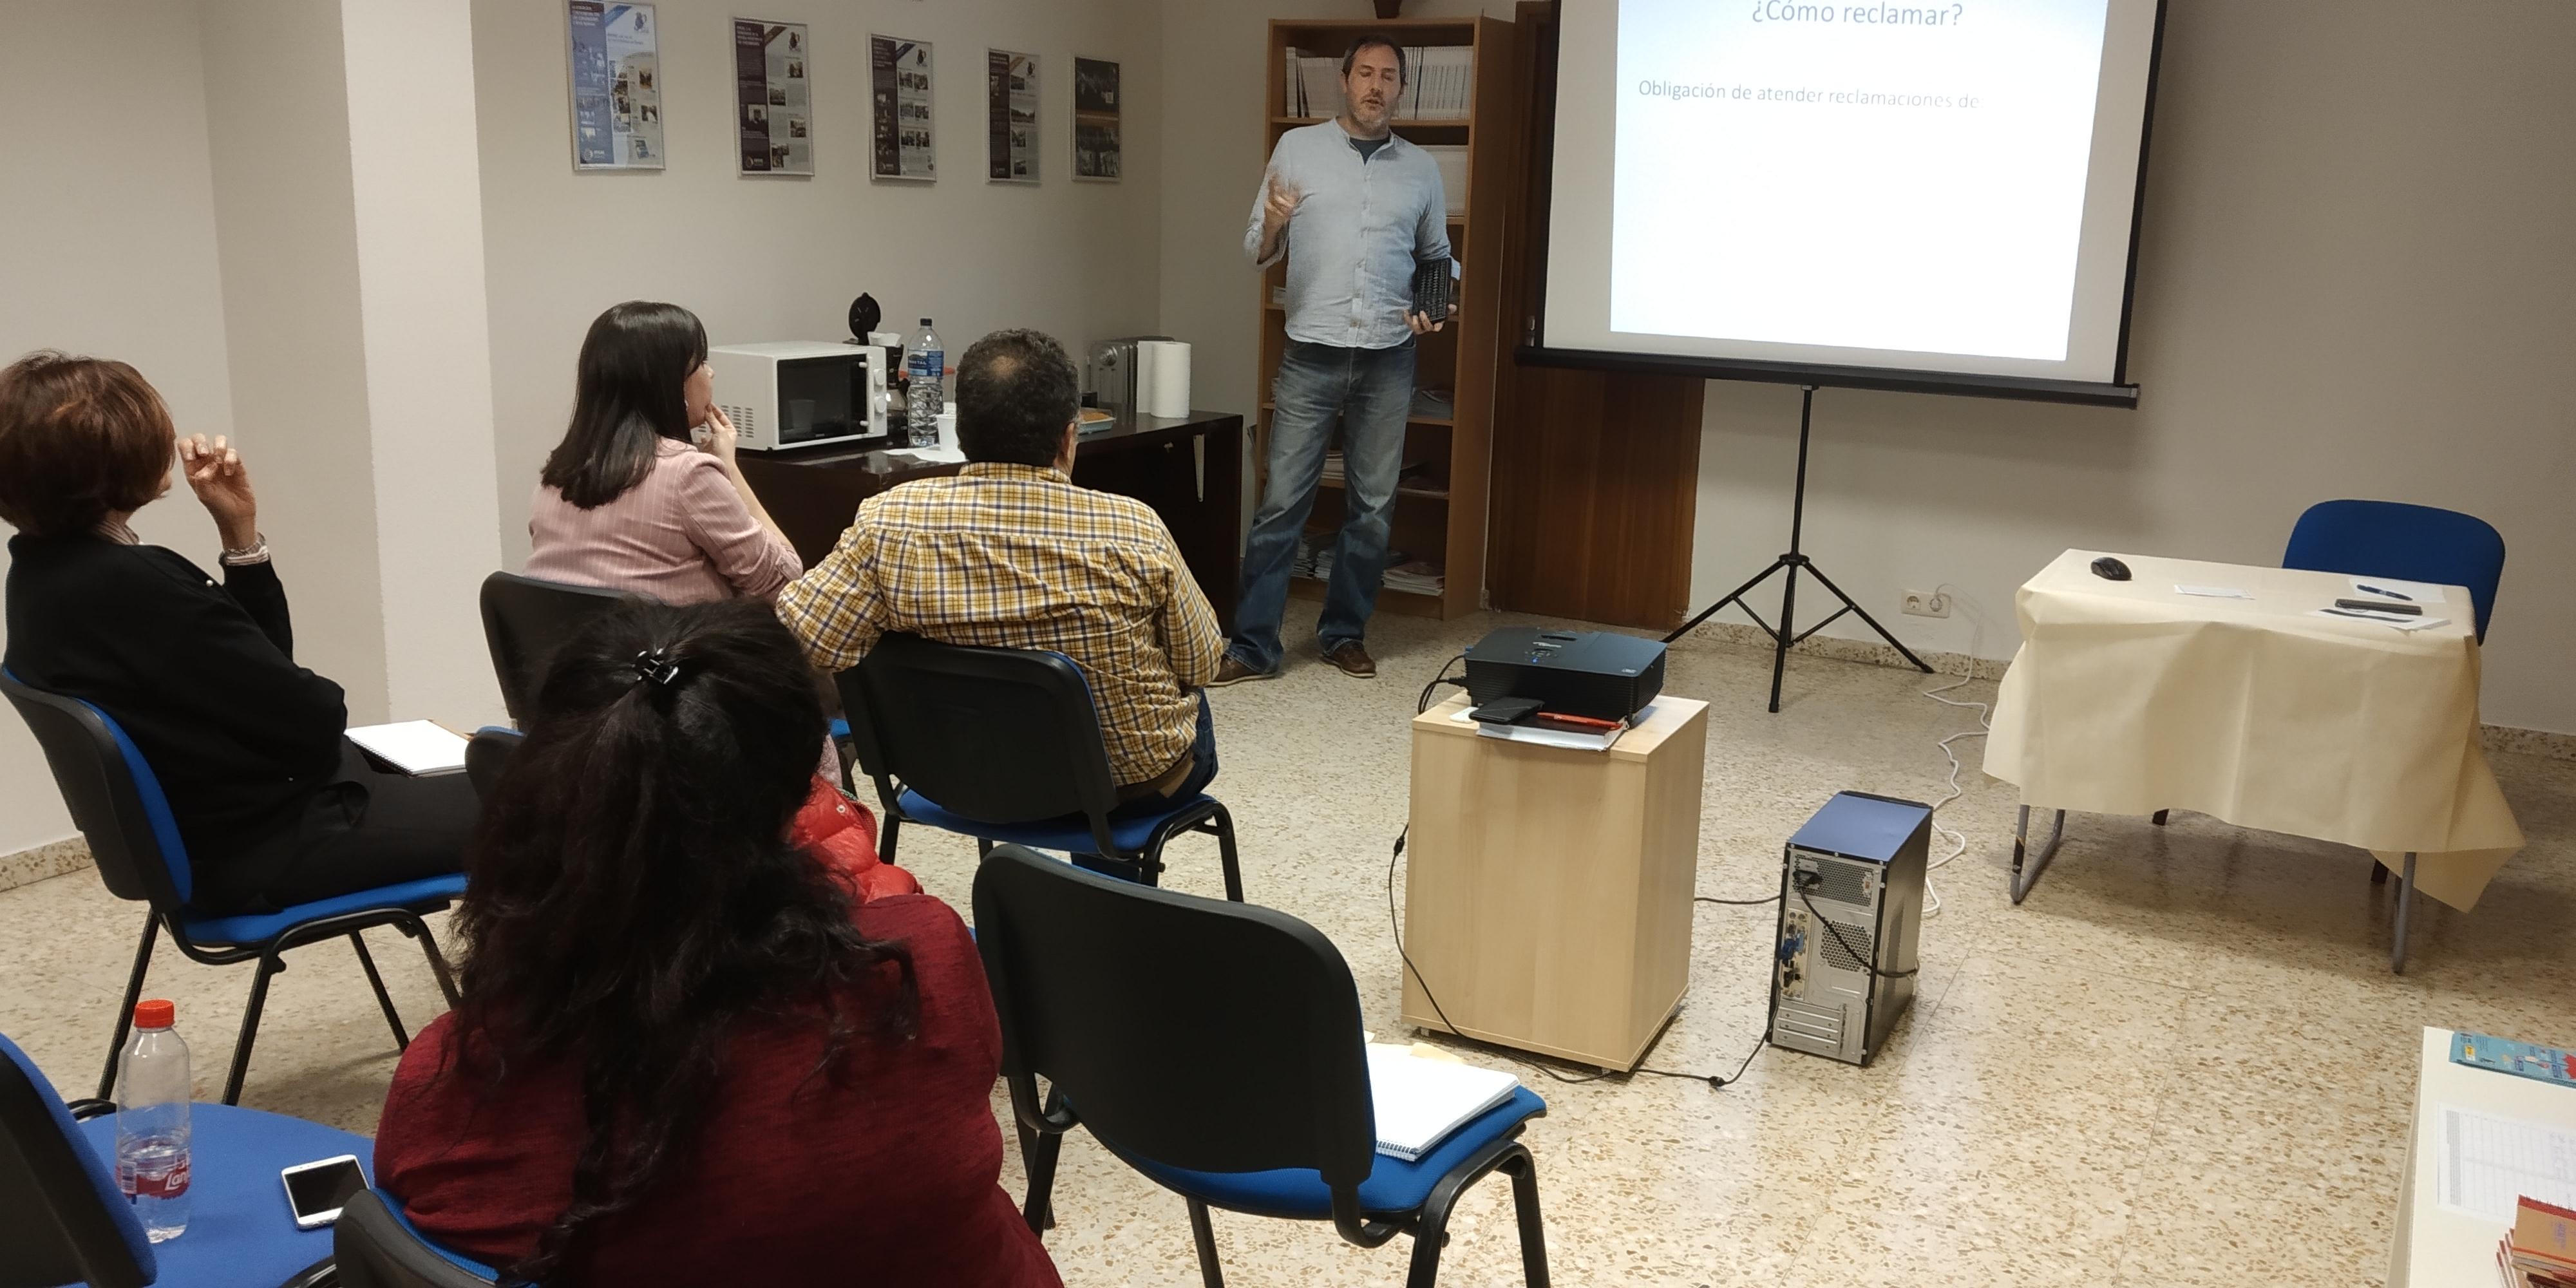 César García González, Doctor en Derecho de Seguros y Mediador de Seguros, durante su intervención en el Café-Tertulia sobre Seguros de Hogar y Salud en Toledo 2018